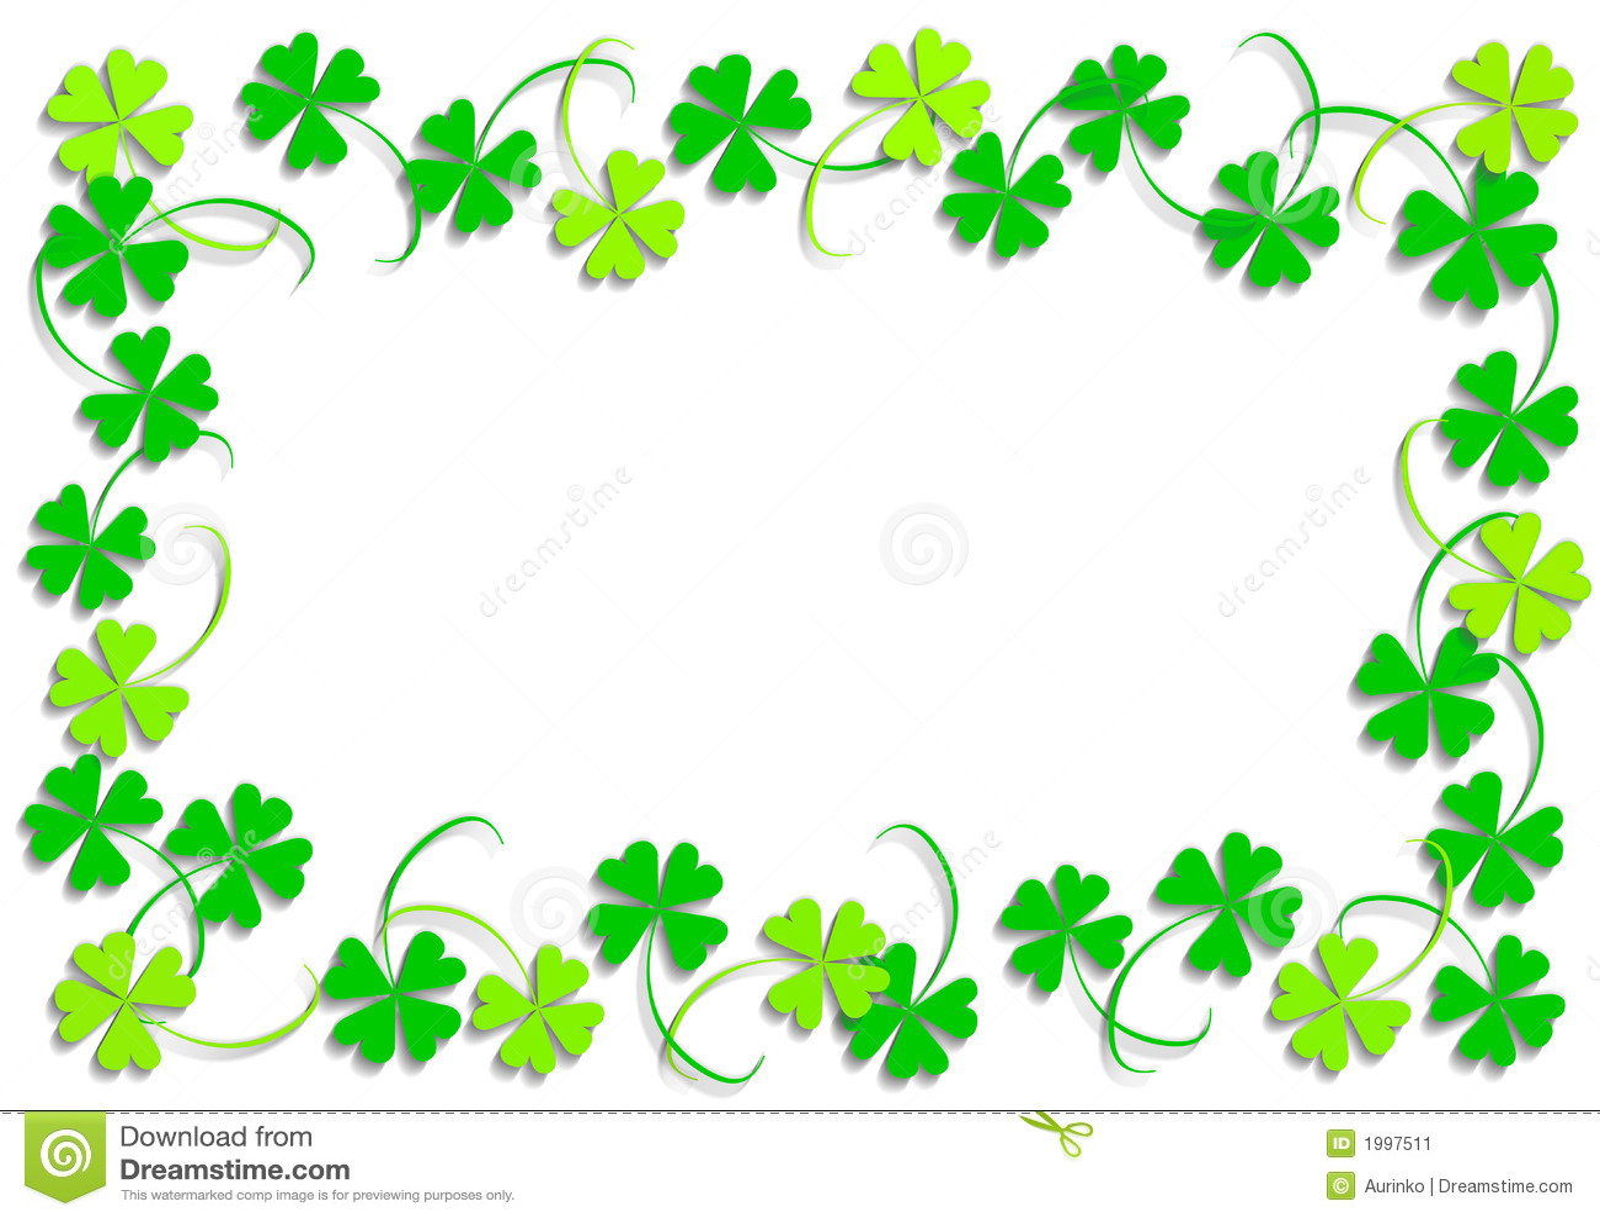 Green Four Leaf Clover Stock Illustration Illustration Of